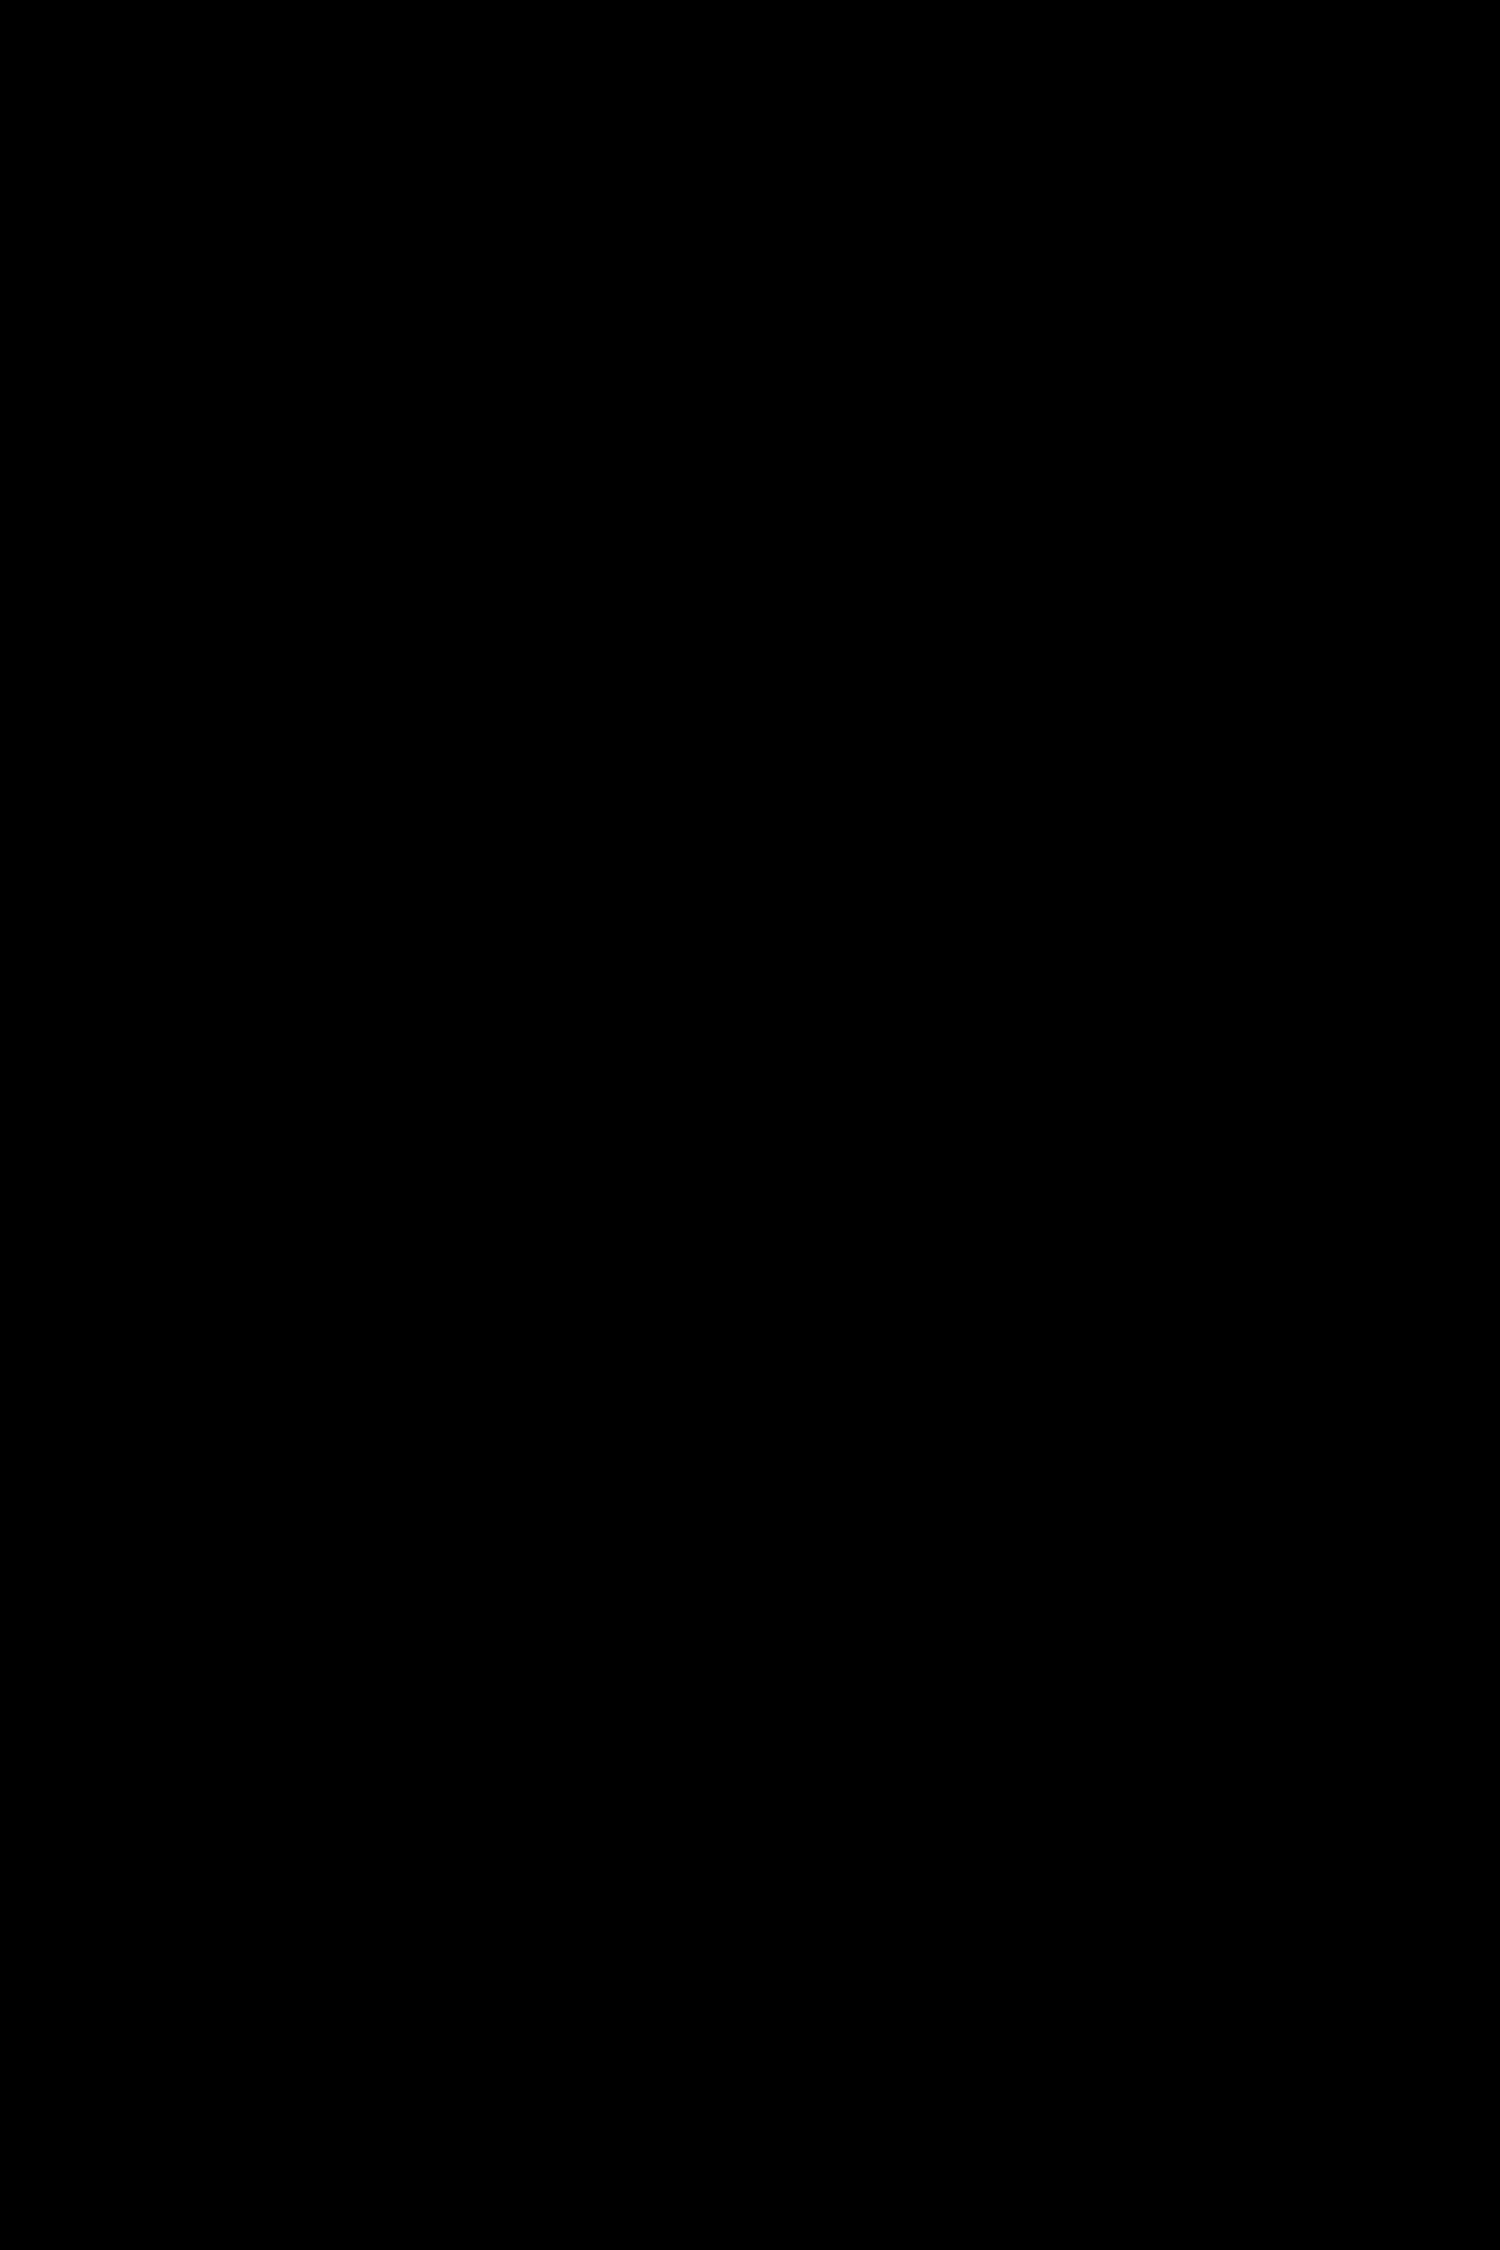 hochwertige Mund- und Nasenmaske mit Logo